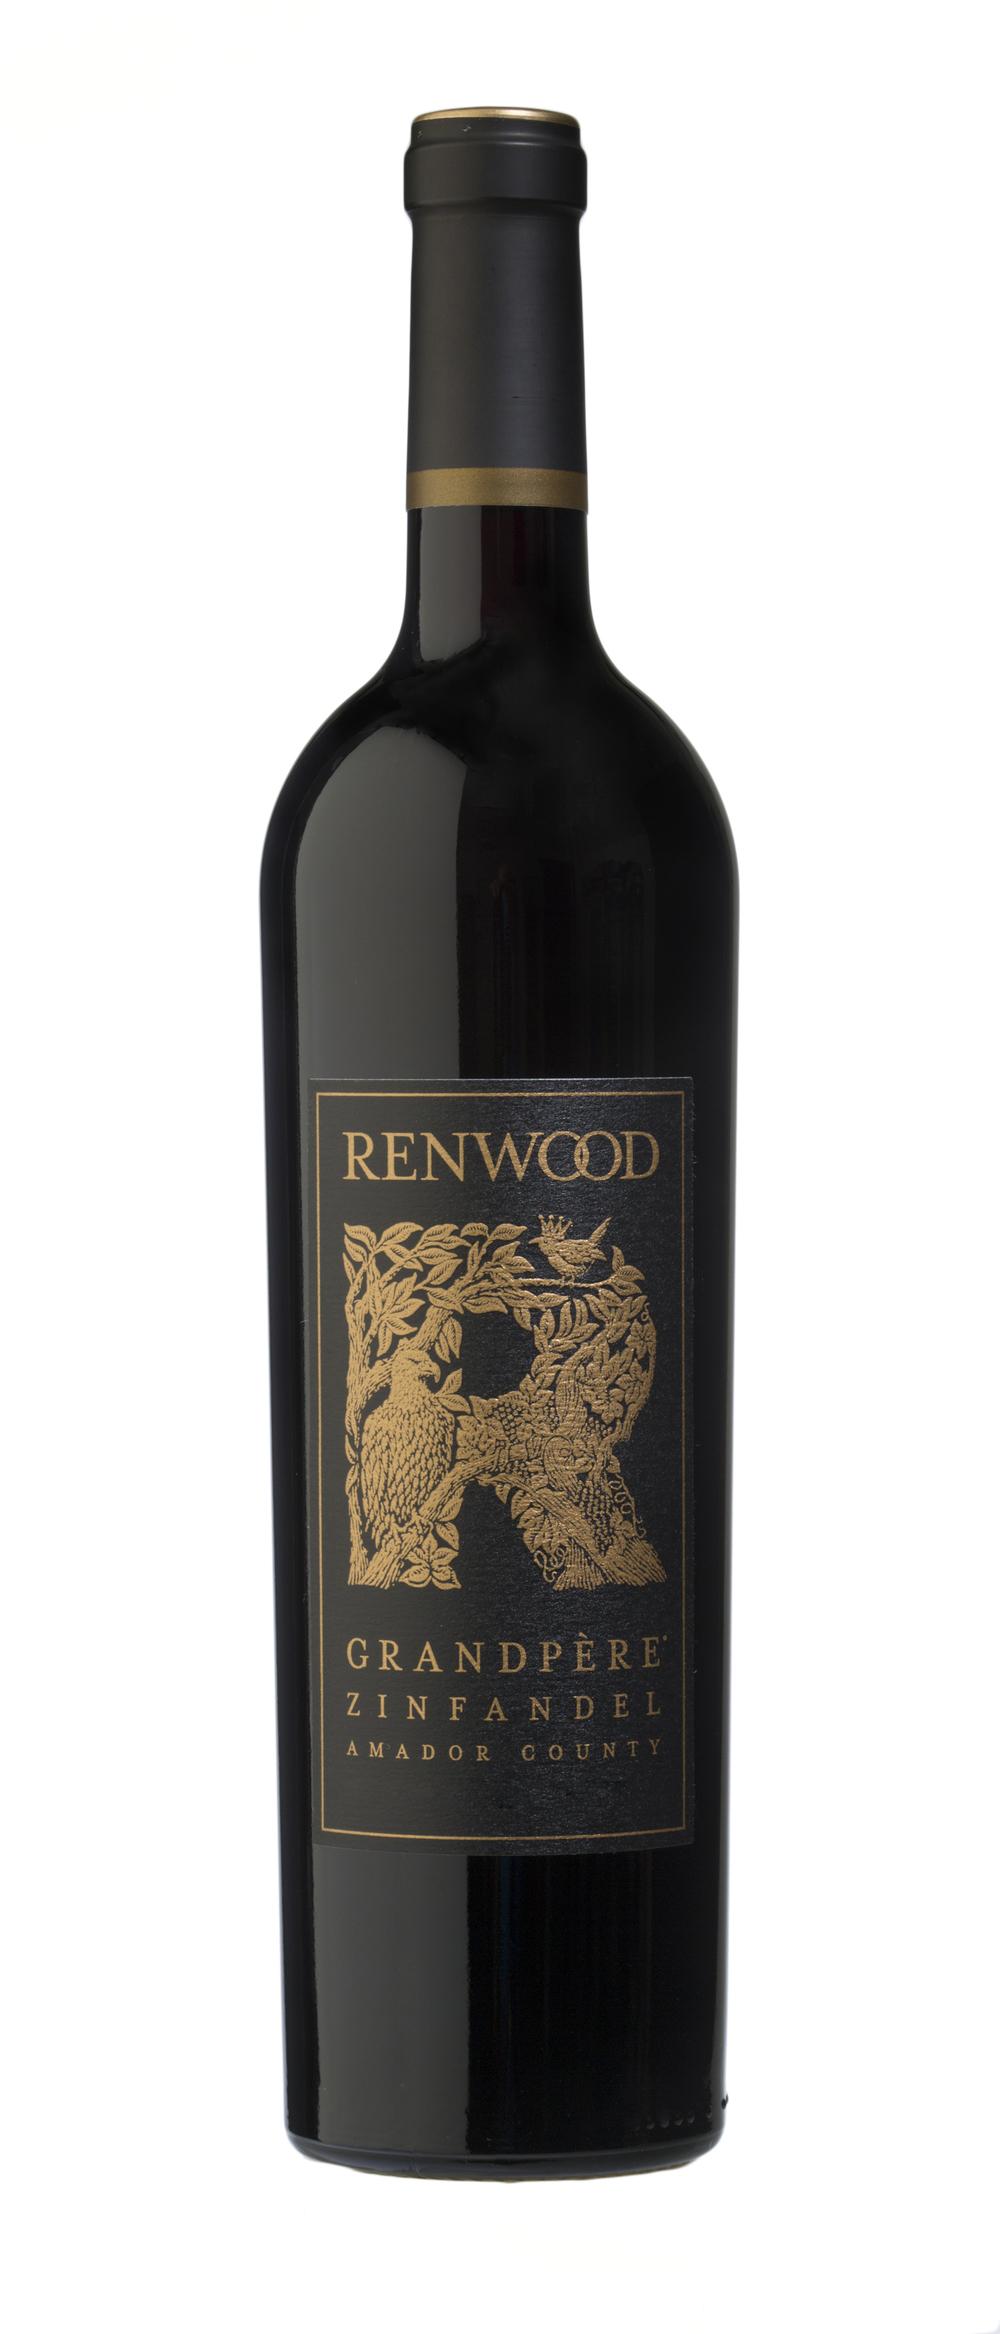 Renwood.GrandpereZin.2012.nv_.jpg